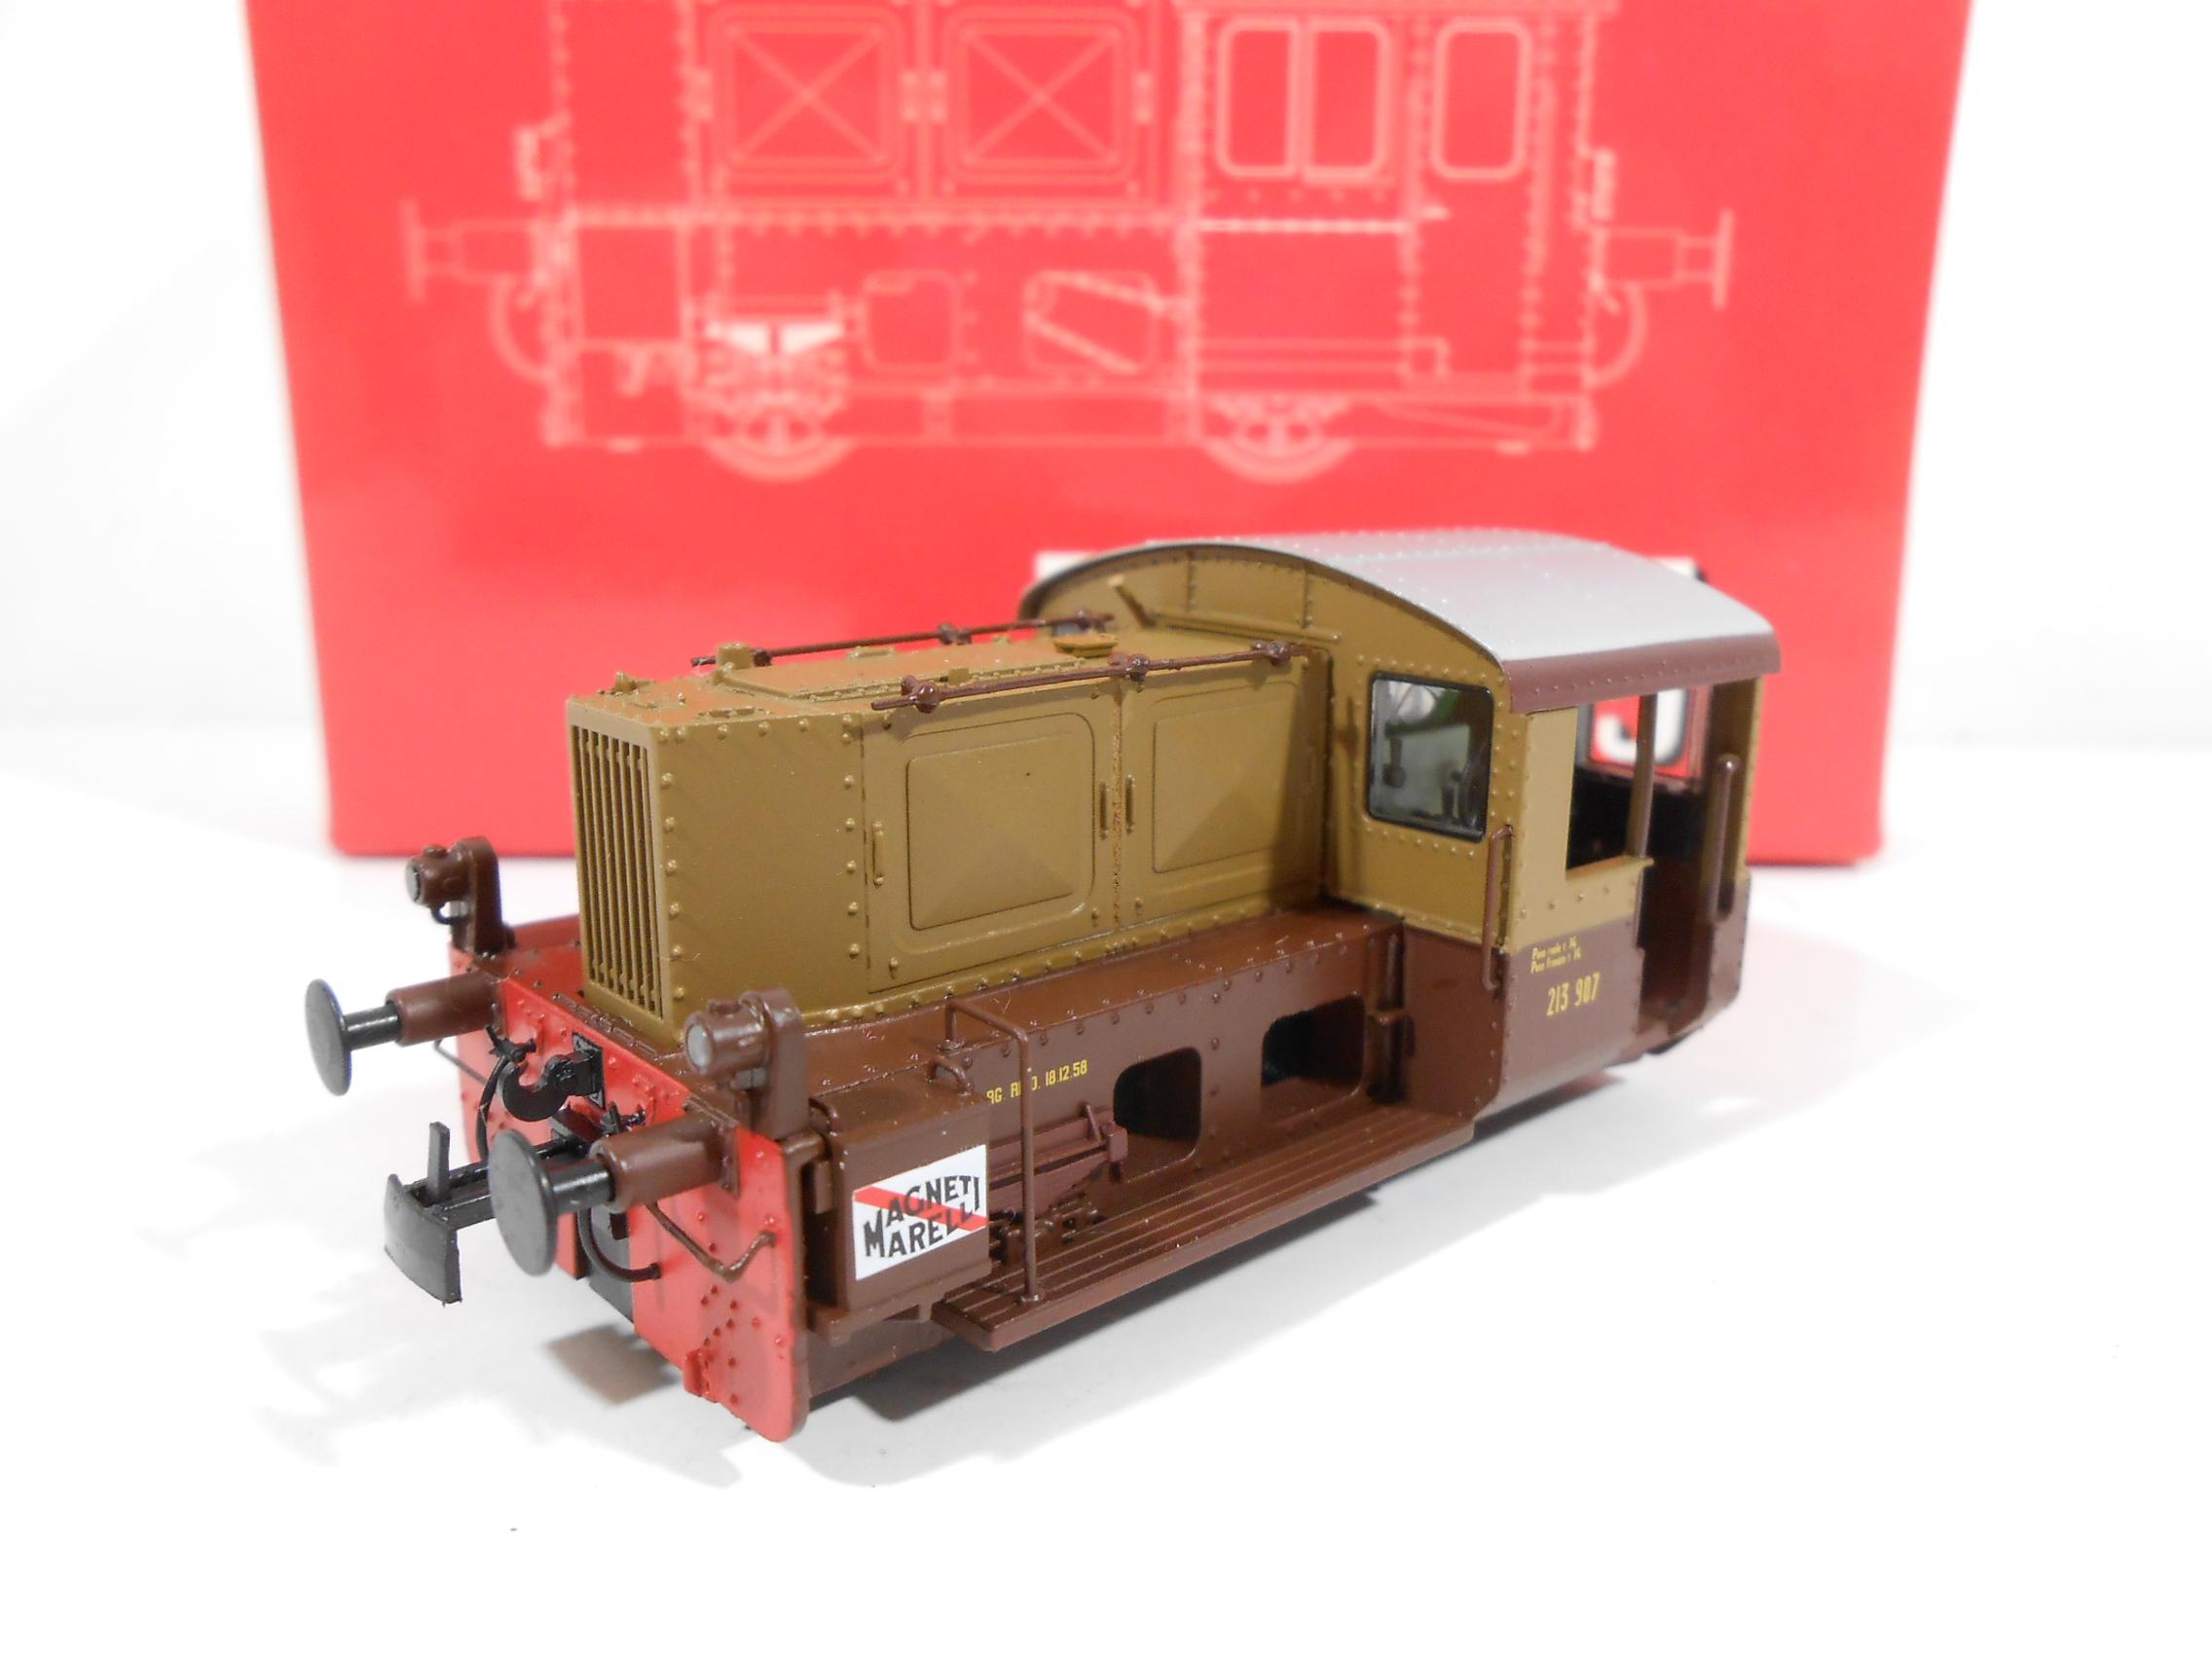 BLACKSTAR/LENZ 30155-02 - Locomotore da manovra (ex-Kof) D213.907 castano/isabella FS Italia